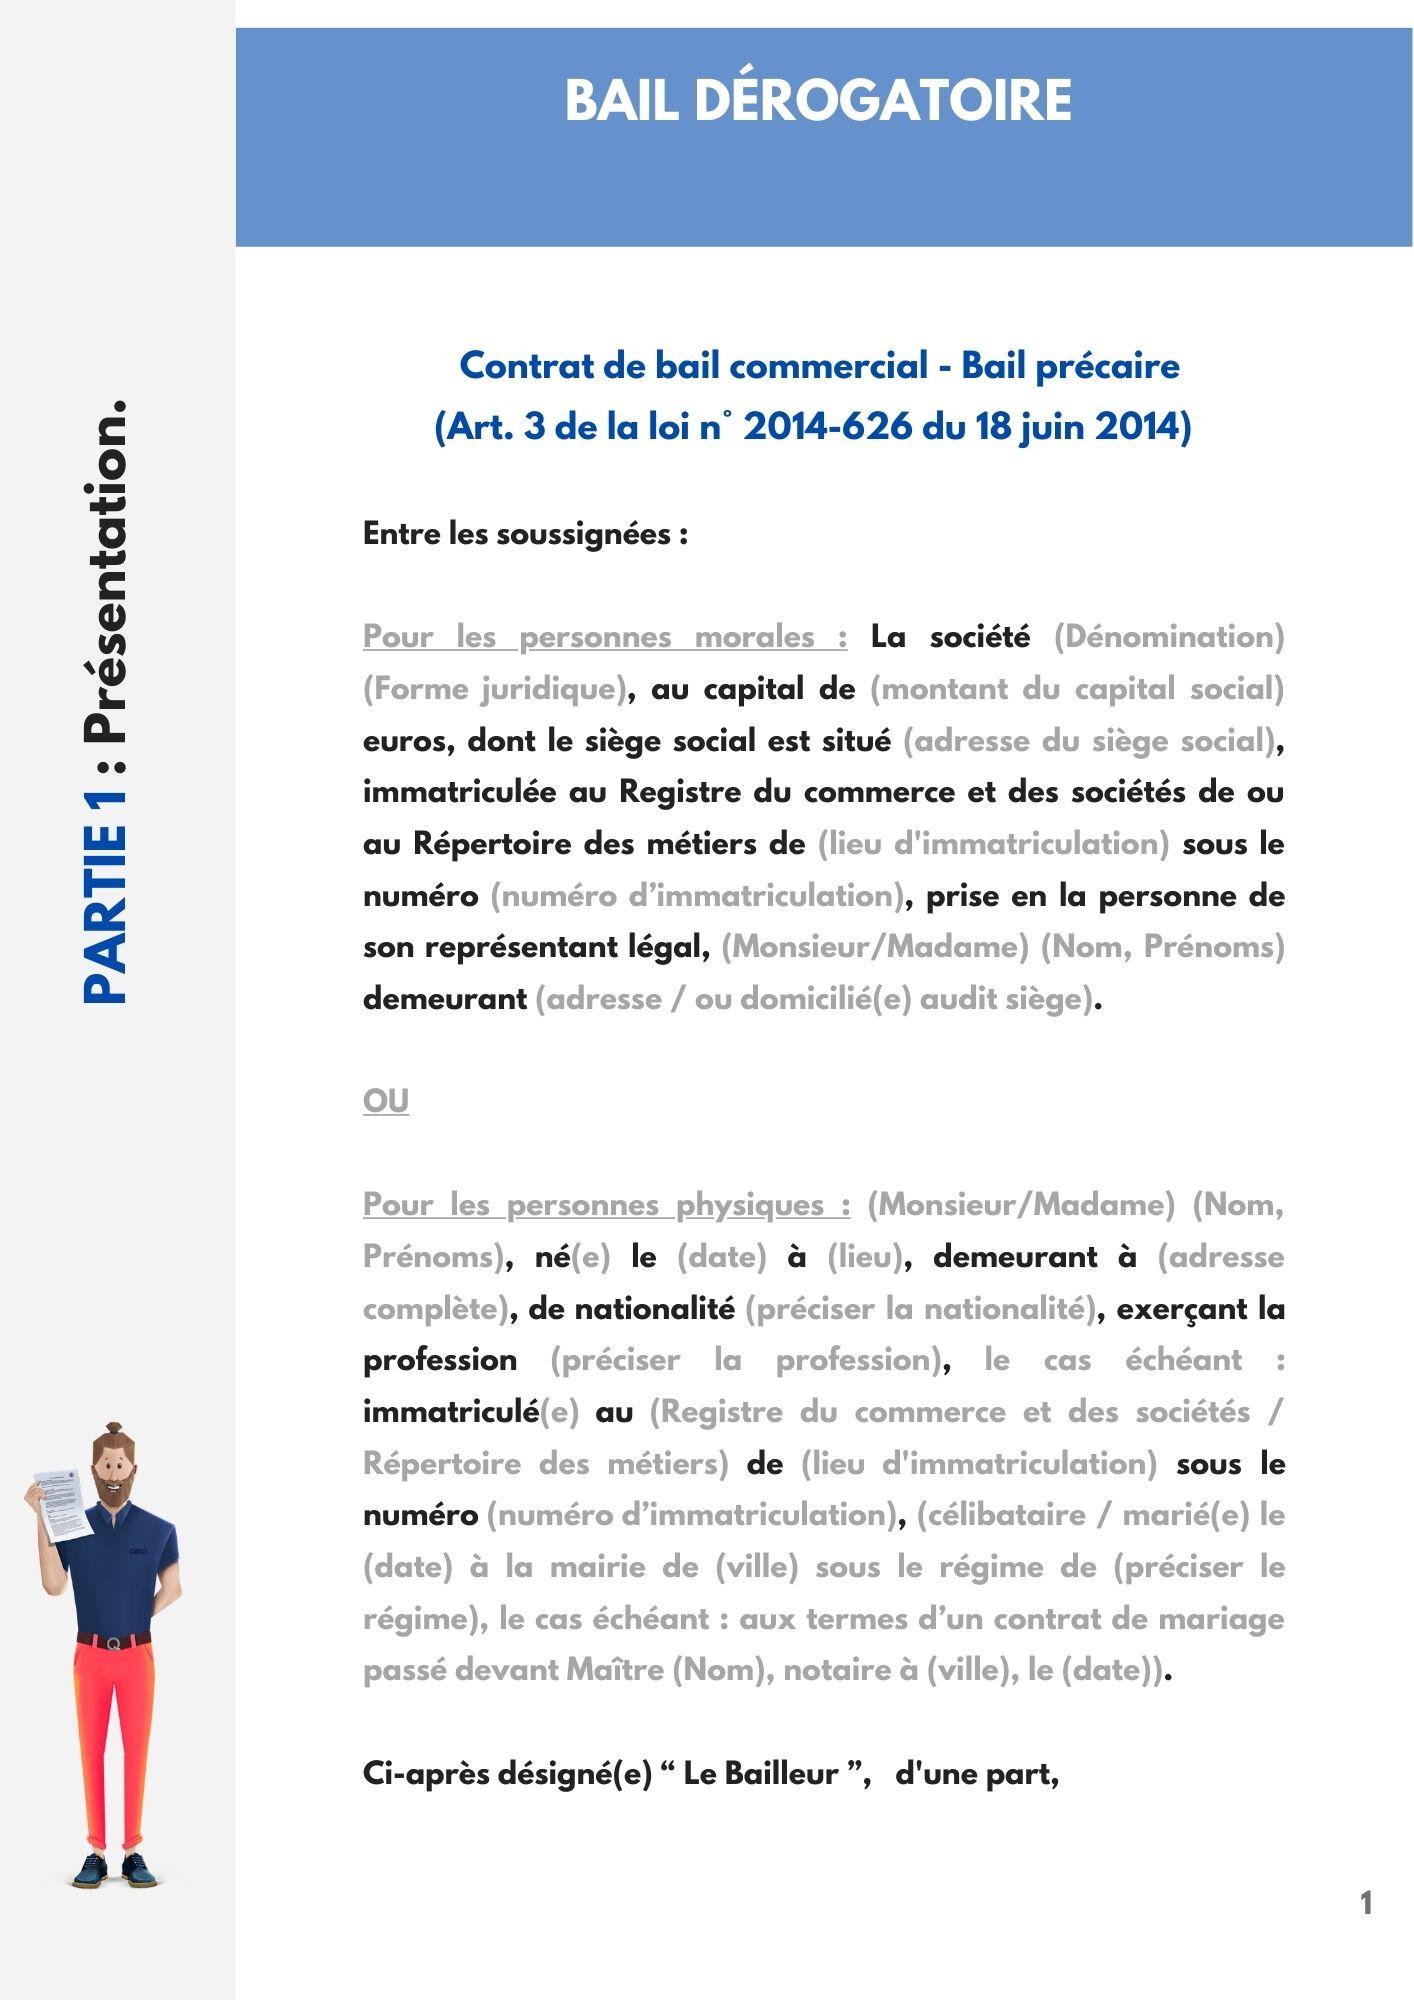 Bail commercial précaire (bail dérogatoire)